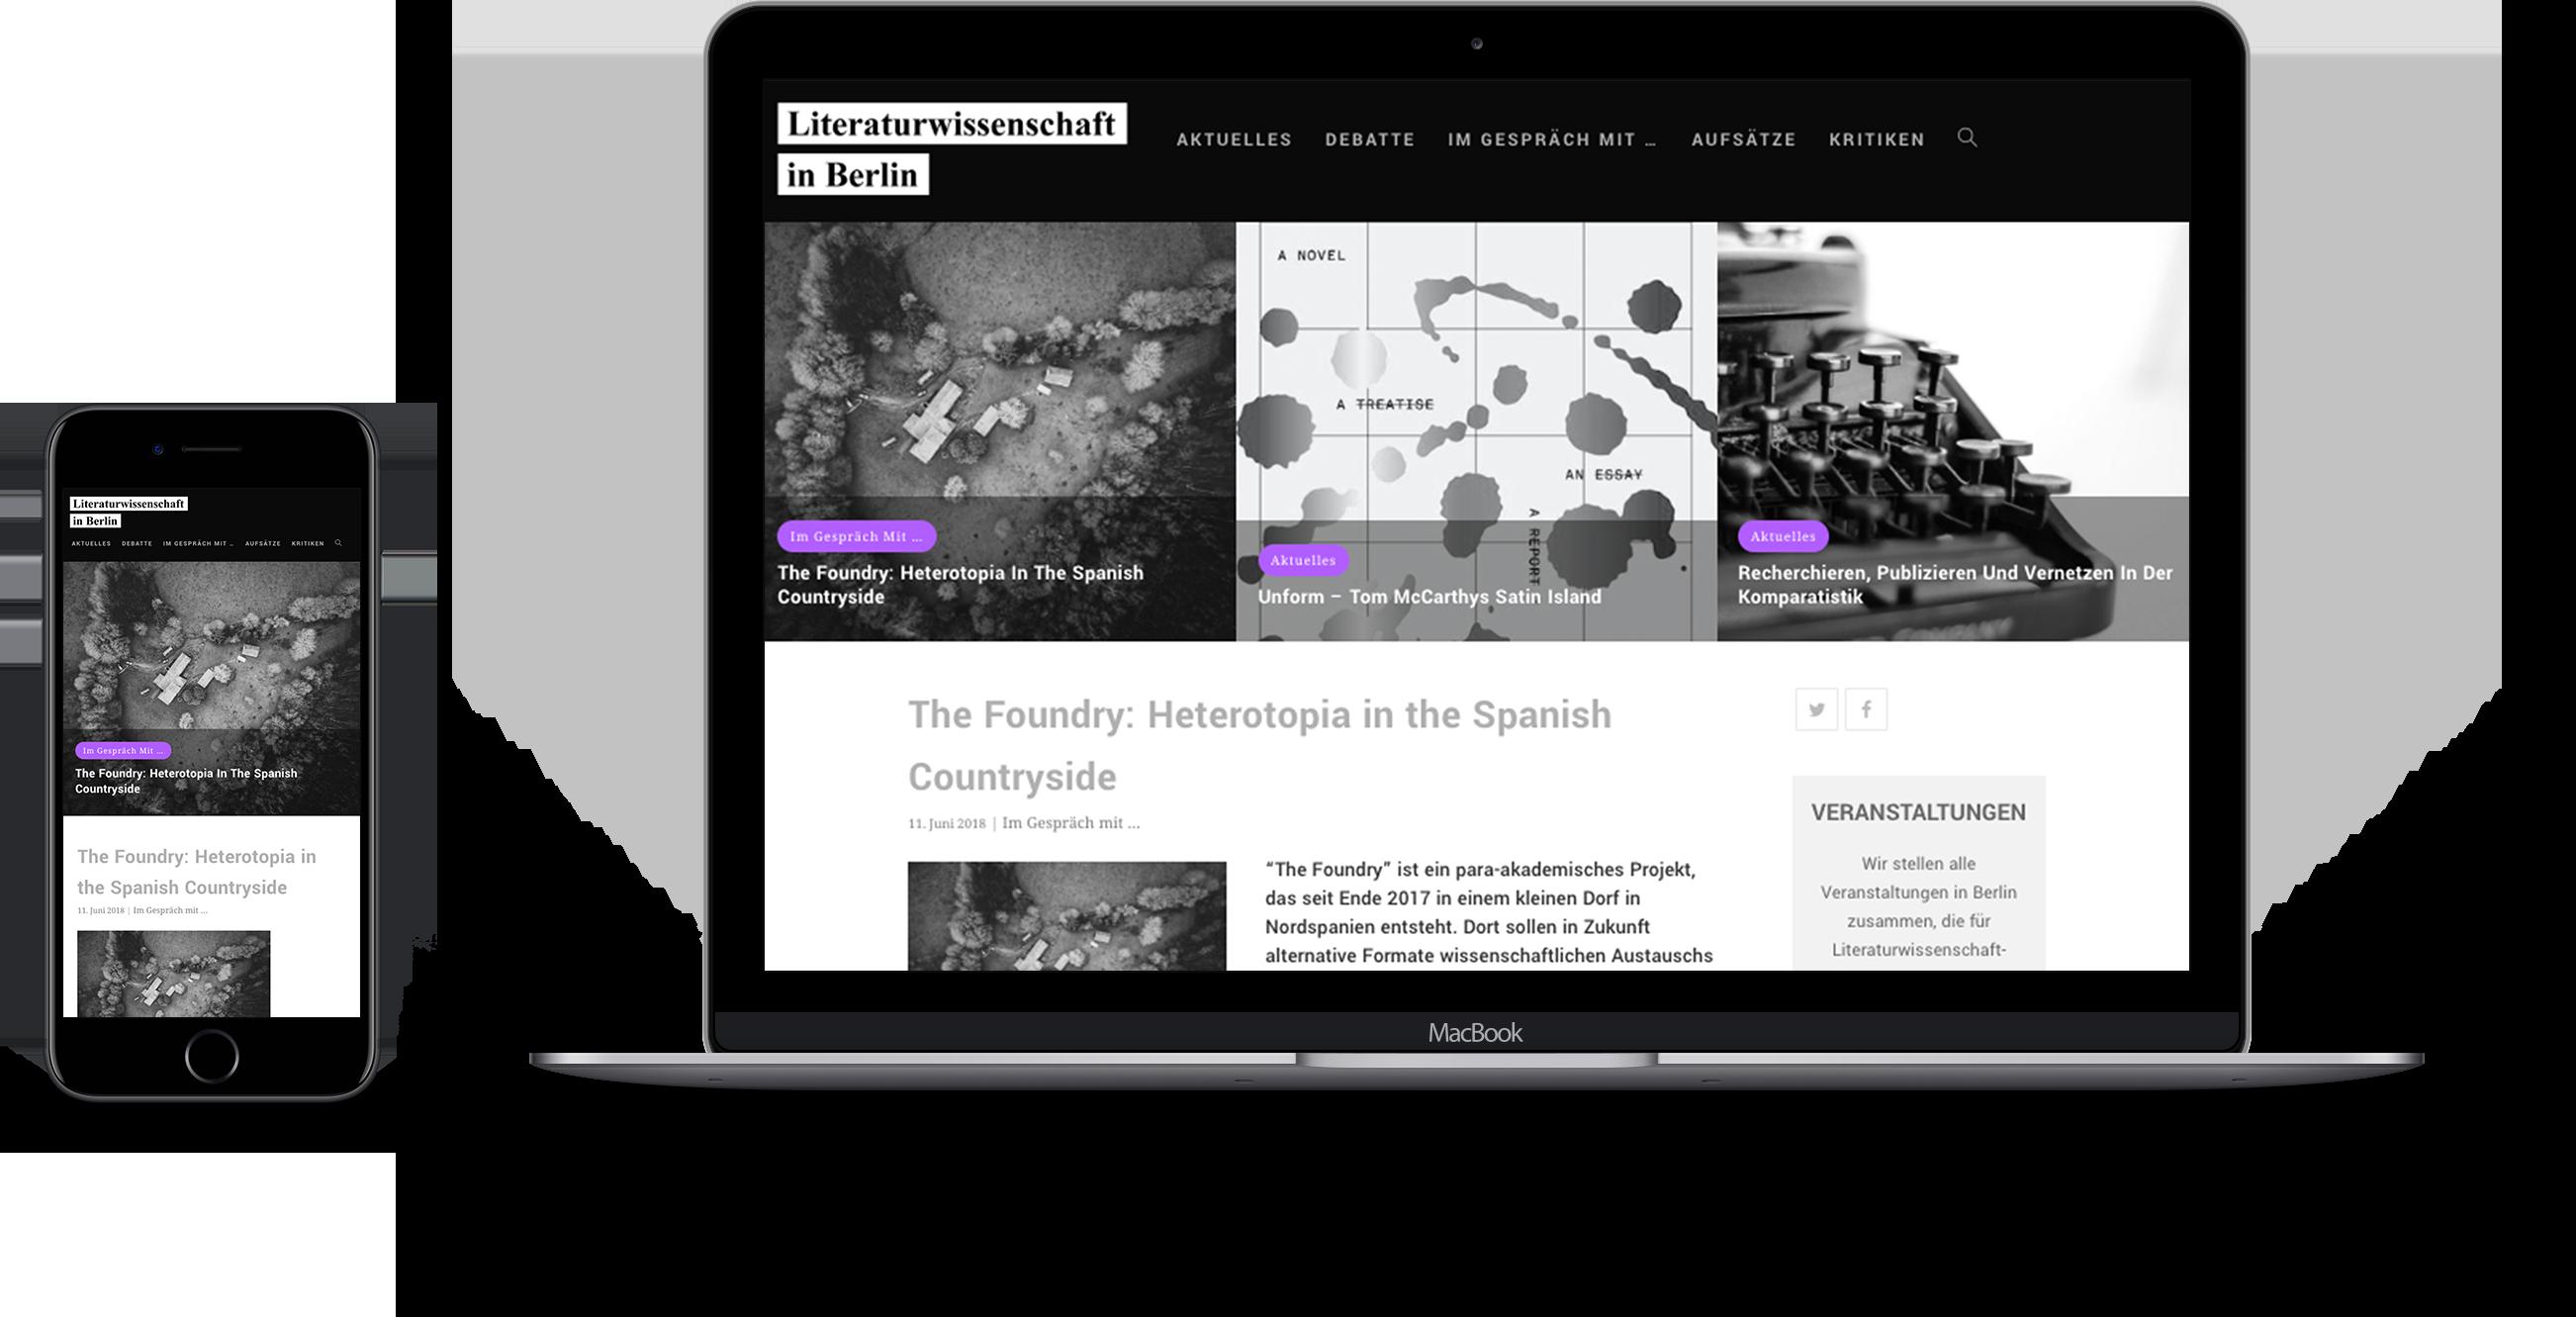 Design für den Blog Literaturwissenschaft Berlin